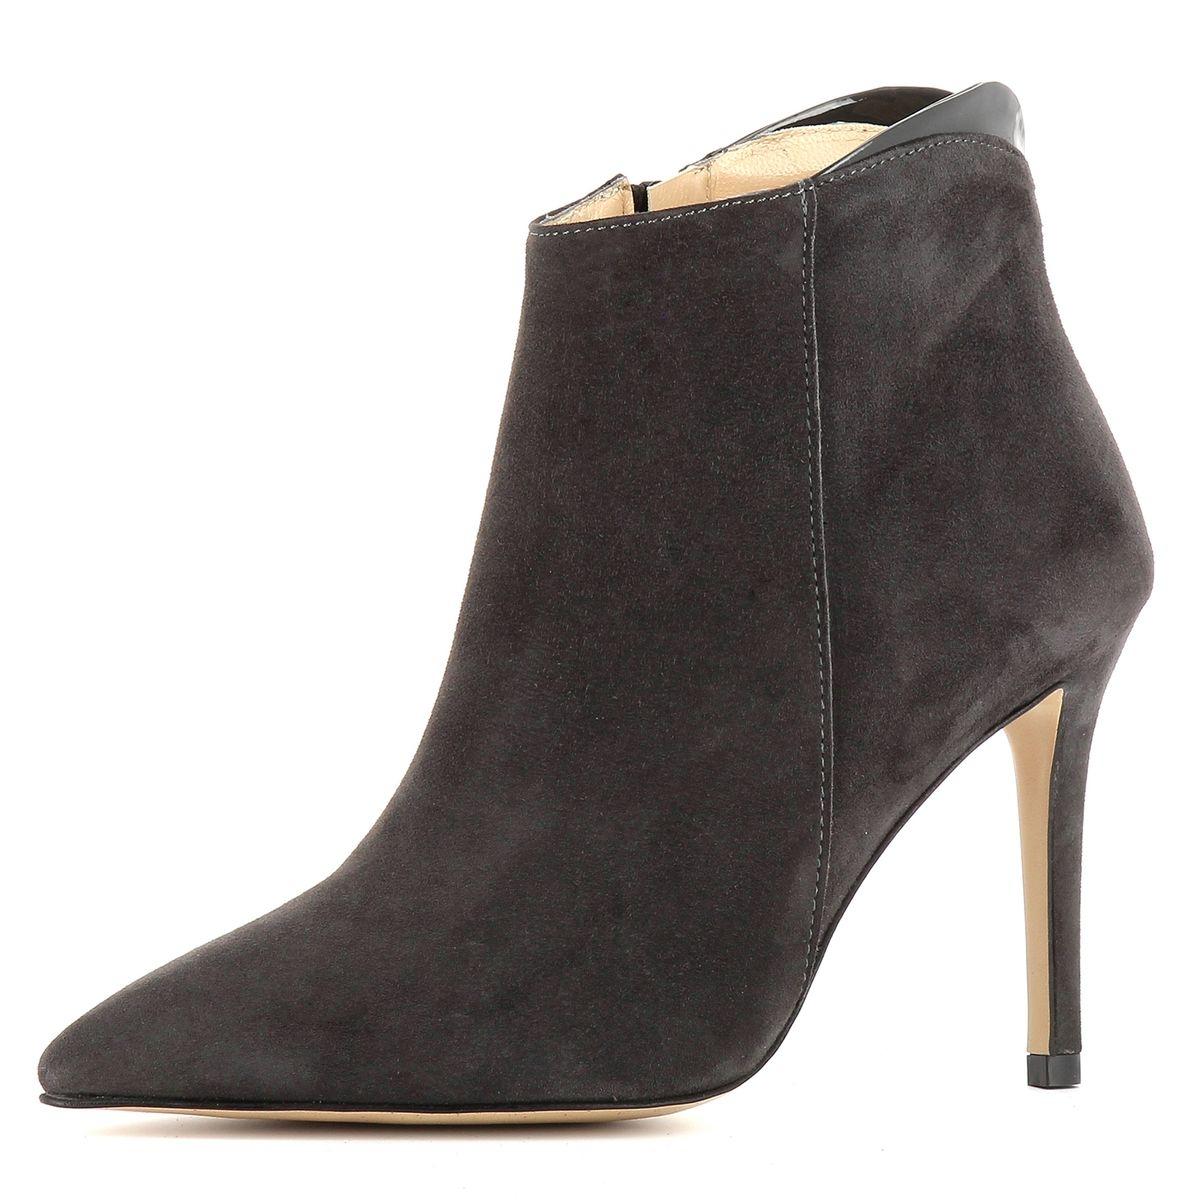 Sabots GUCCI pour femme pas cher - Mes Chaussures 954d1c3c67c